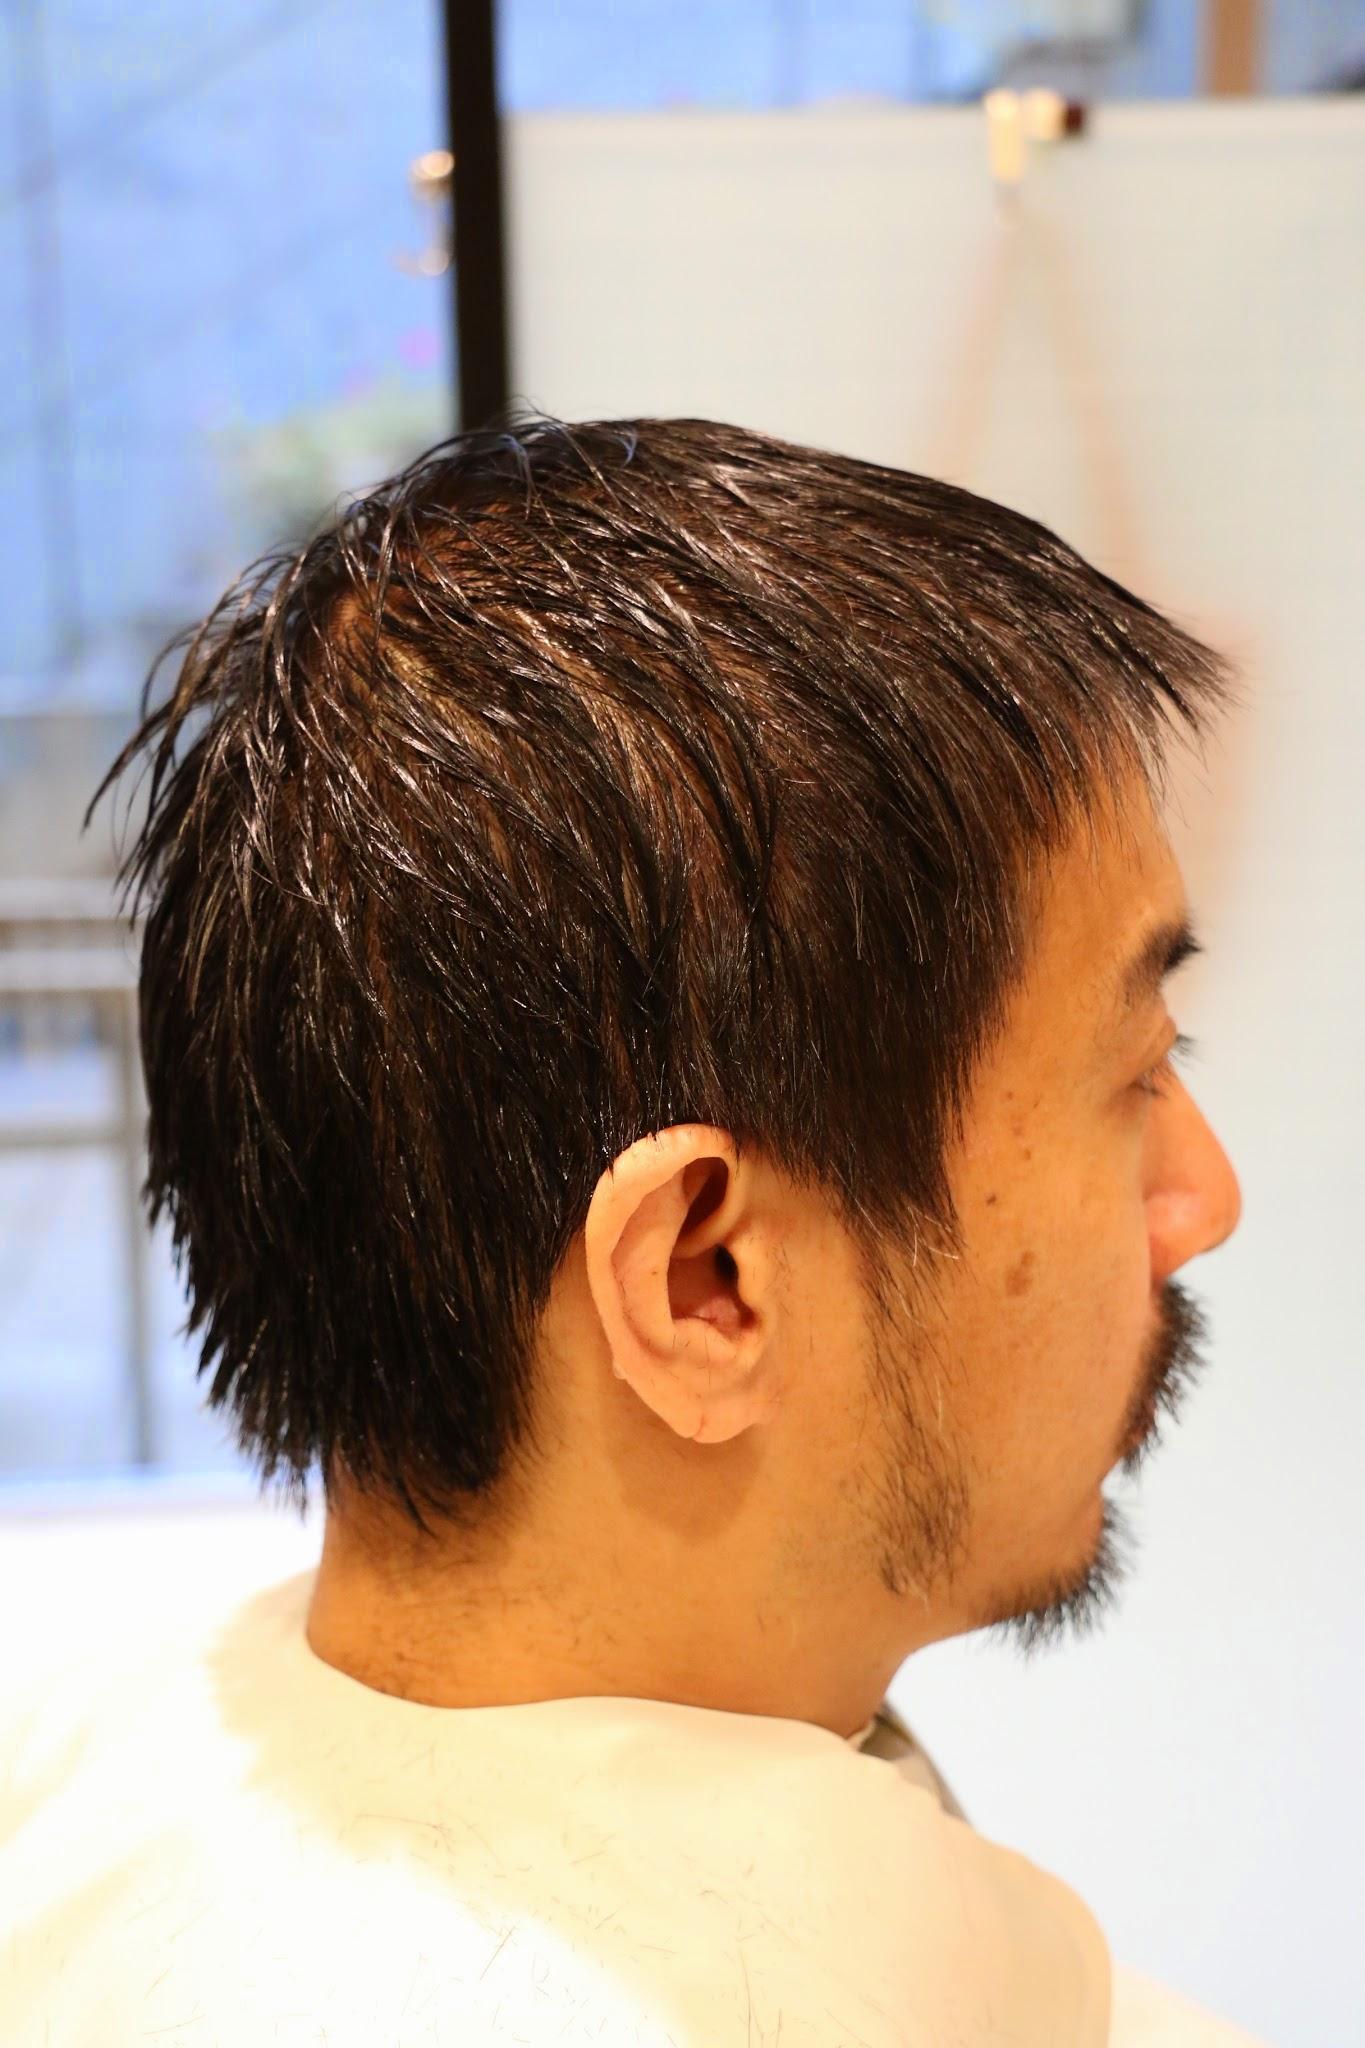 モヒカン 薄毛 ソフト